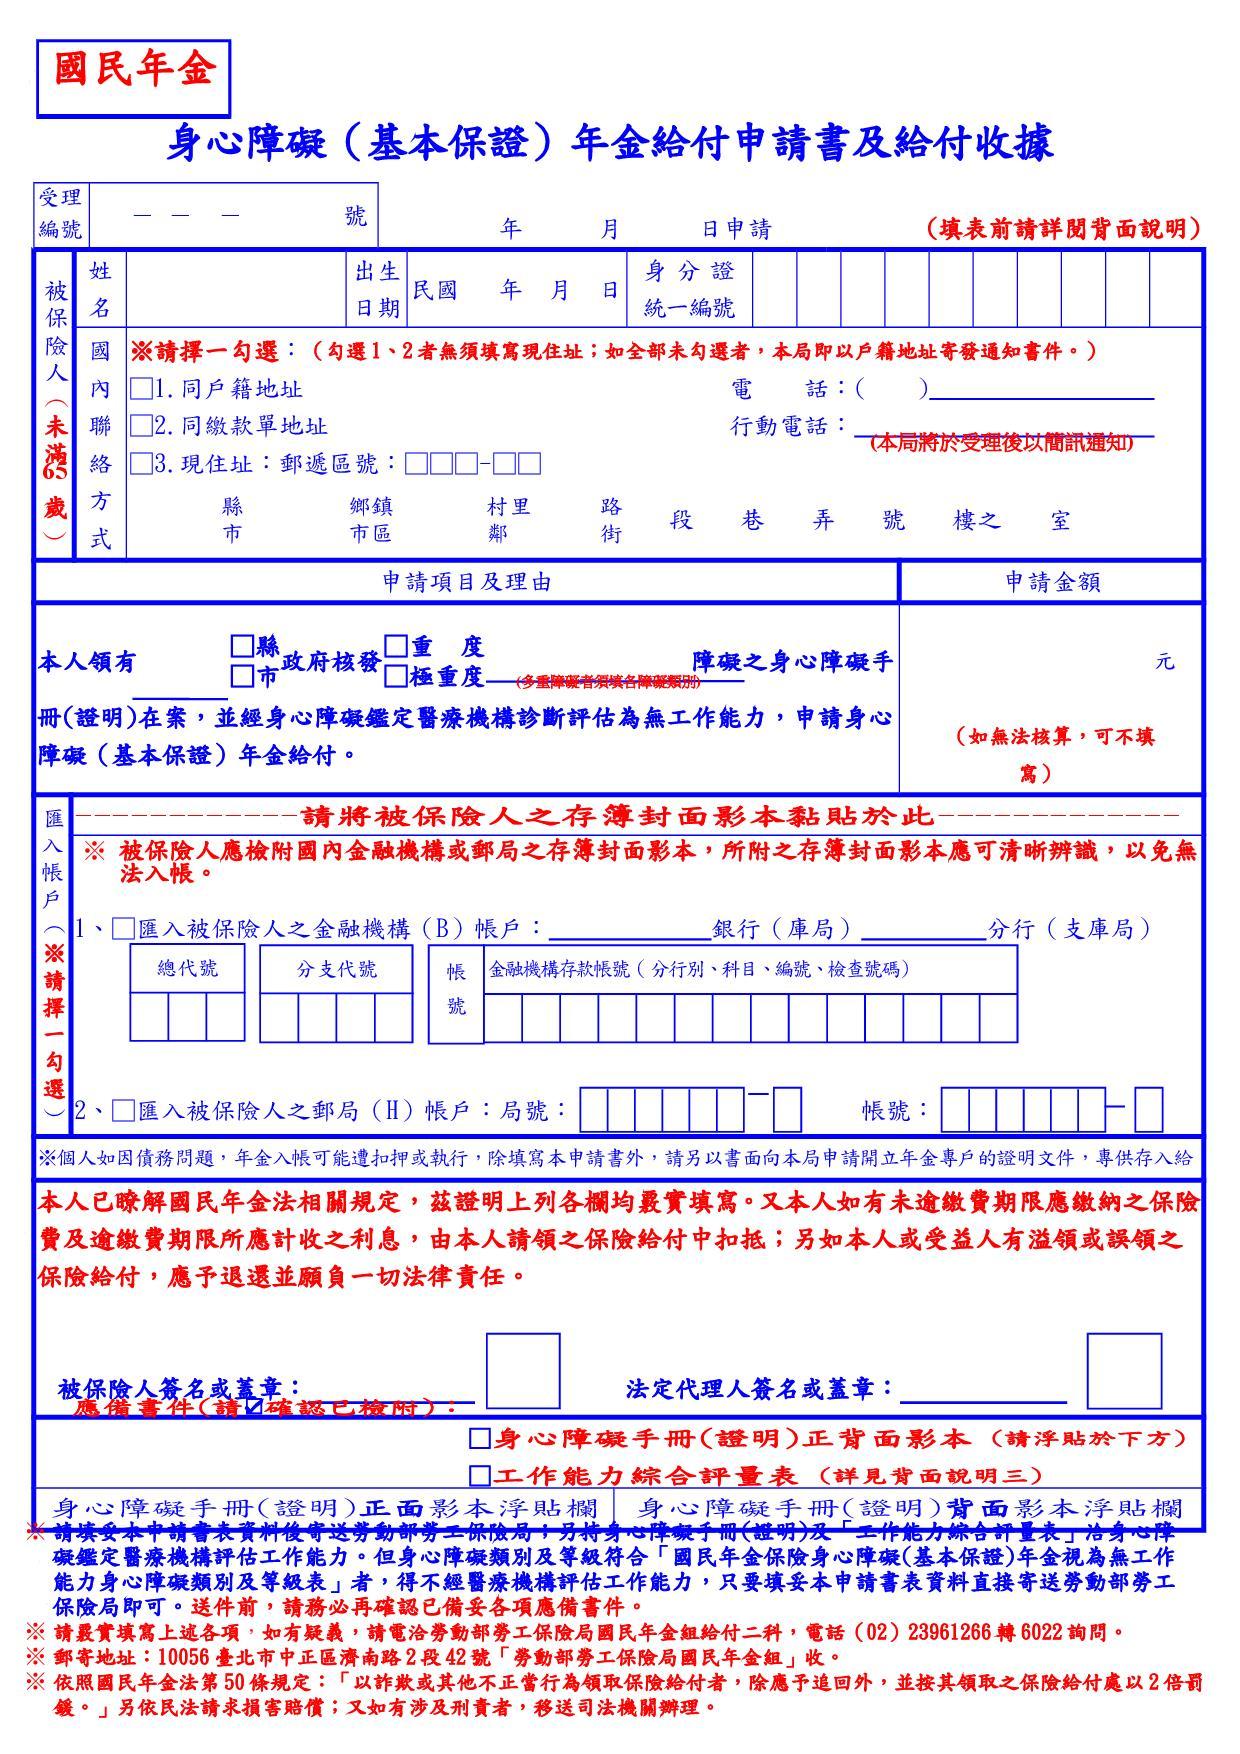 身心障礙(基本保證)年金給付申請書及給付收據